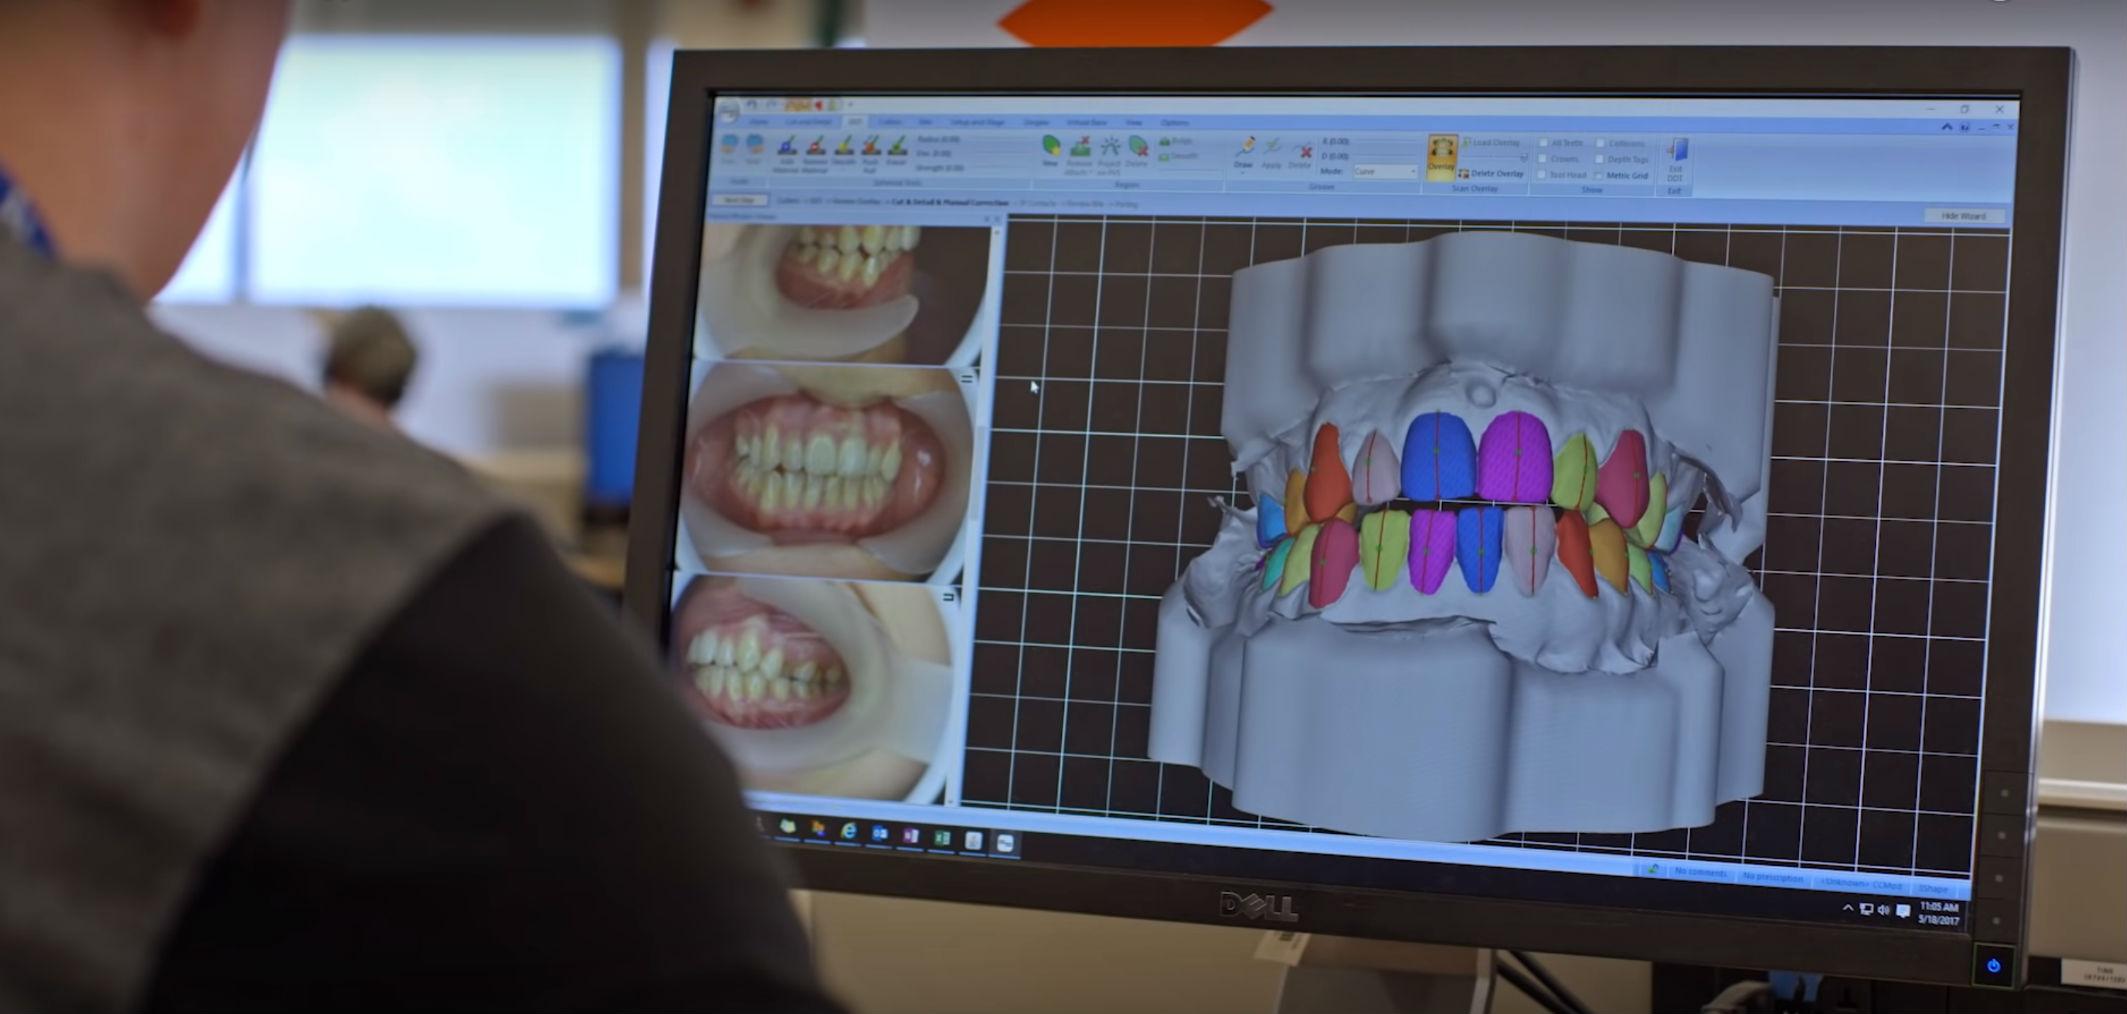 Ровные зубы, C++ и математика — как они связаны? Разговор с Align - 5